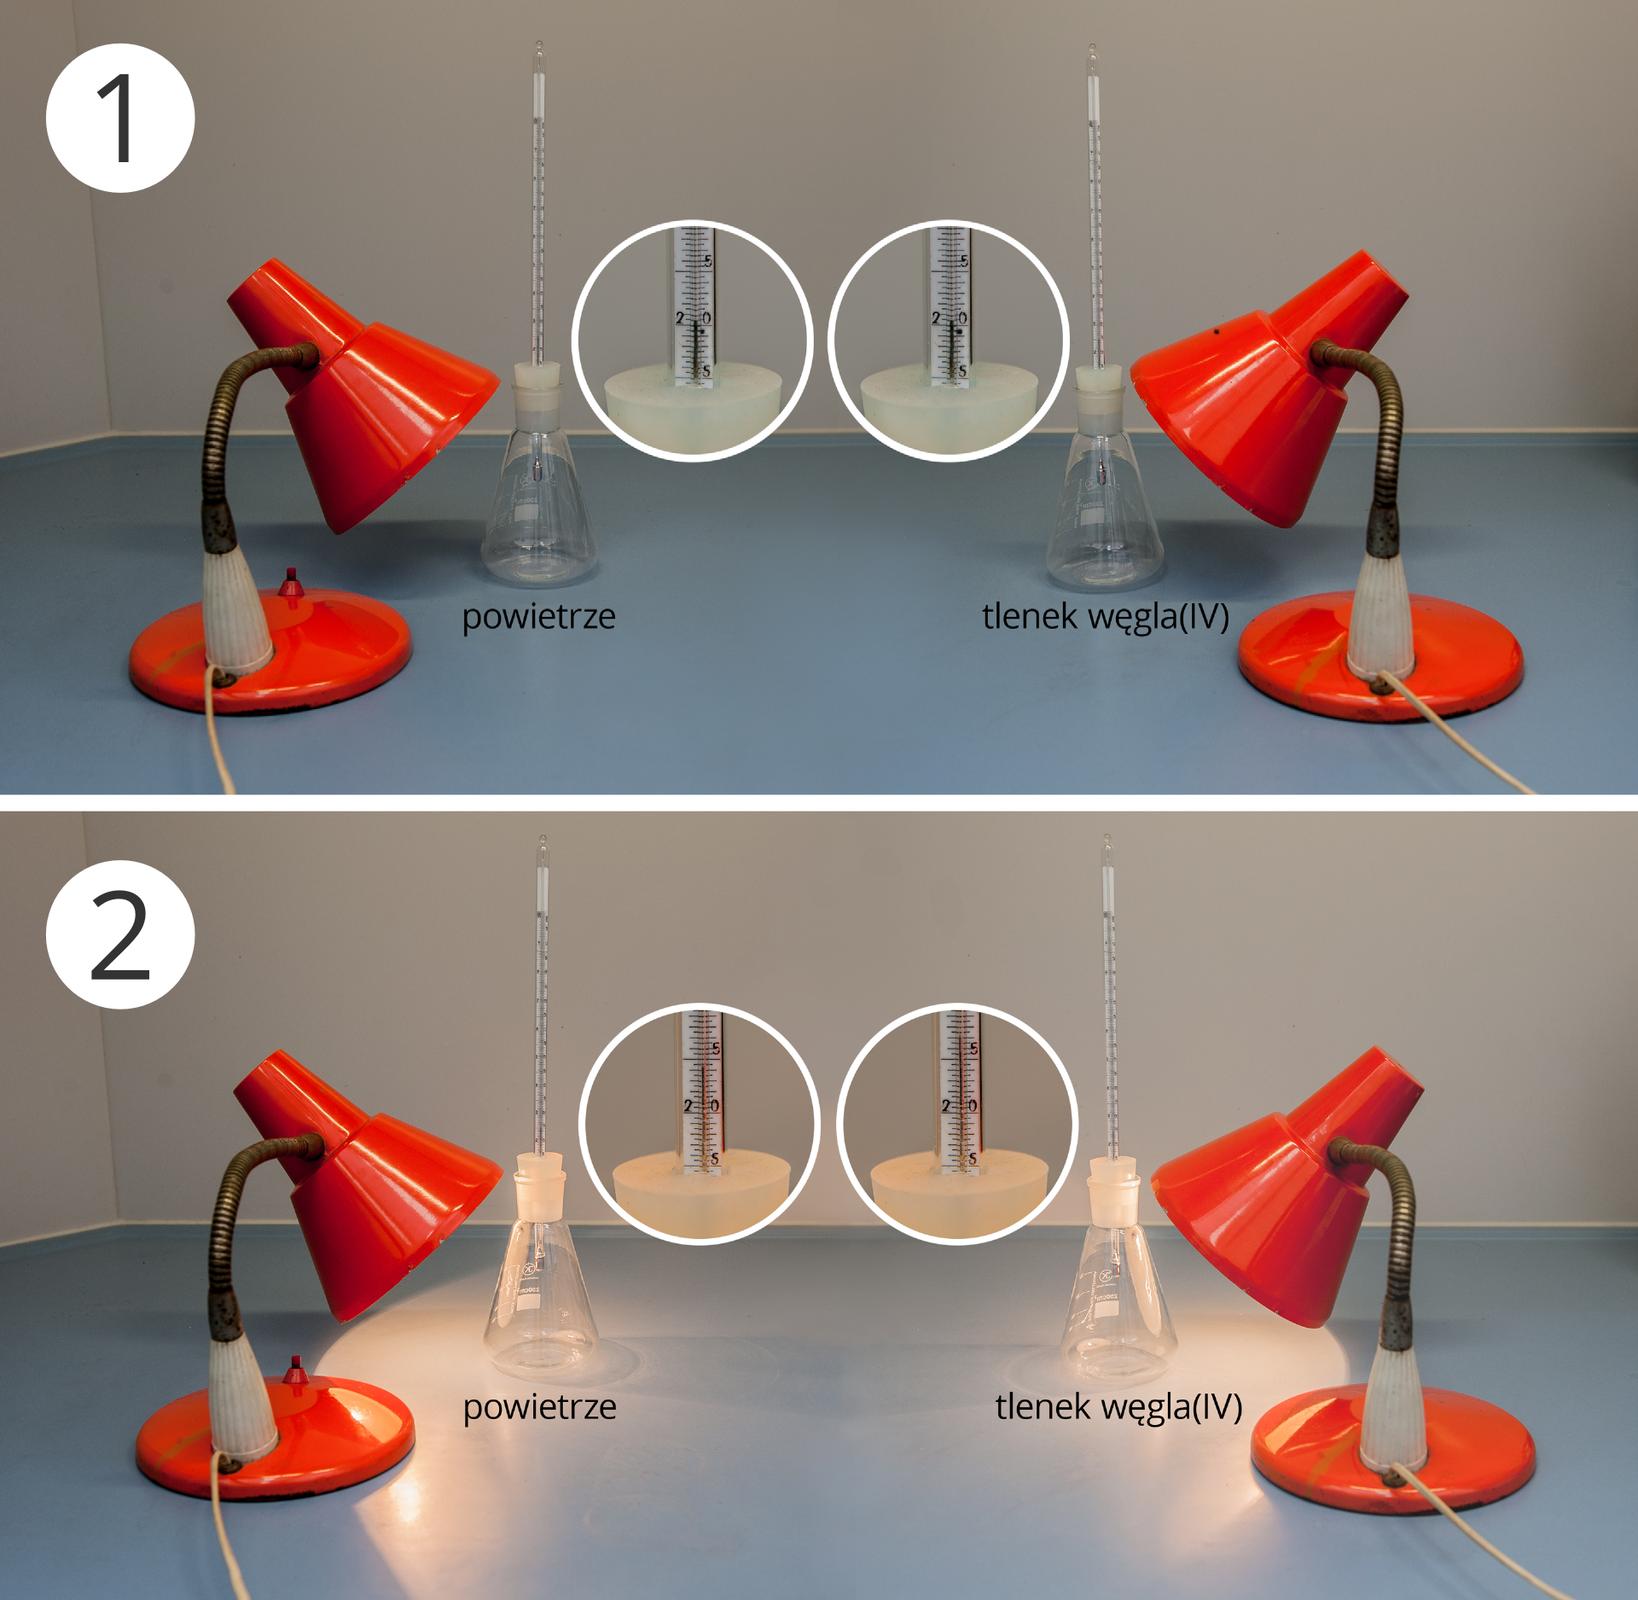 Ilustracja składa się zdwóch zdjęć przedstawiających początkową ikońcową fazę jednego doświadczenia. Zestaw doświadczalny składa się zdwóch kolb stożkowych zatkanych gumowymi korkami. Każdy korek ma otwór, przez który przeciągnięto termometr laboratoryjny. Zawartość lewej kolby to powietrze, alewej dwutlenek węgla. Na obie kolby skierowane są małe lampki biurowe. Pośrodku fotografii znajdują się okręgi zawierające zbliżenia podziałki termometru wmiejscach wskazywanych przez podziałki. Górne zdjęcie przedstawia stan początkowy. Lampki zgaszone, oba termometry wskazują około 21 stopni Celsjusza. Dolne zdjęcie przedstawia stan wtrakcie trwania doświadczenia. Lampki włączone. Termometr kolby lewej wskazuje 24,5 stopnia Celsjusza, natomiast termometr zprawej 27 stopni Celsjusza.